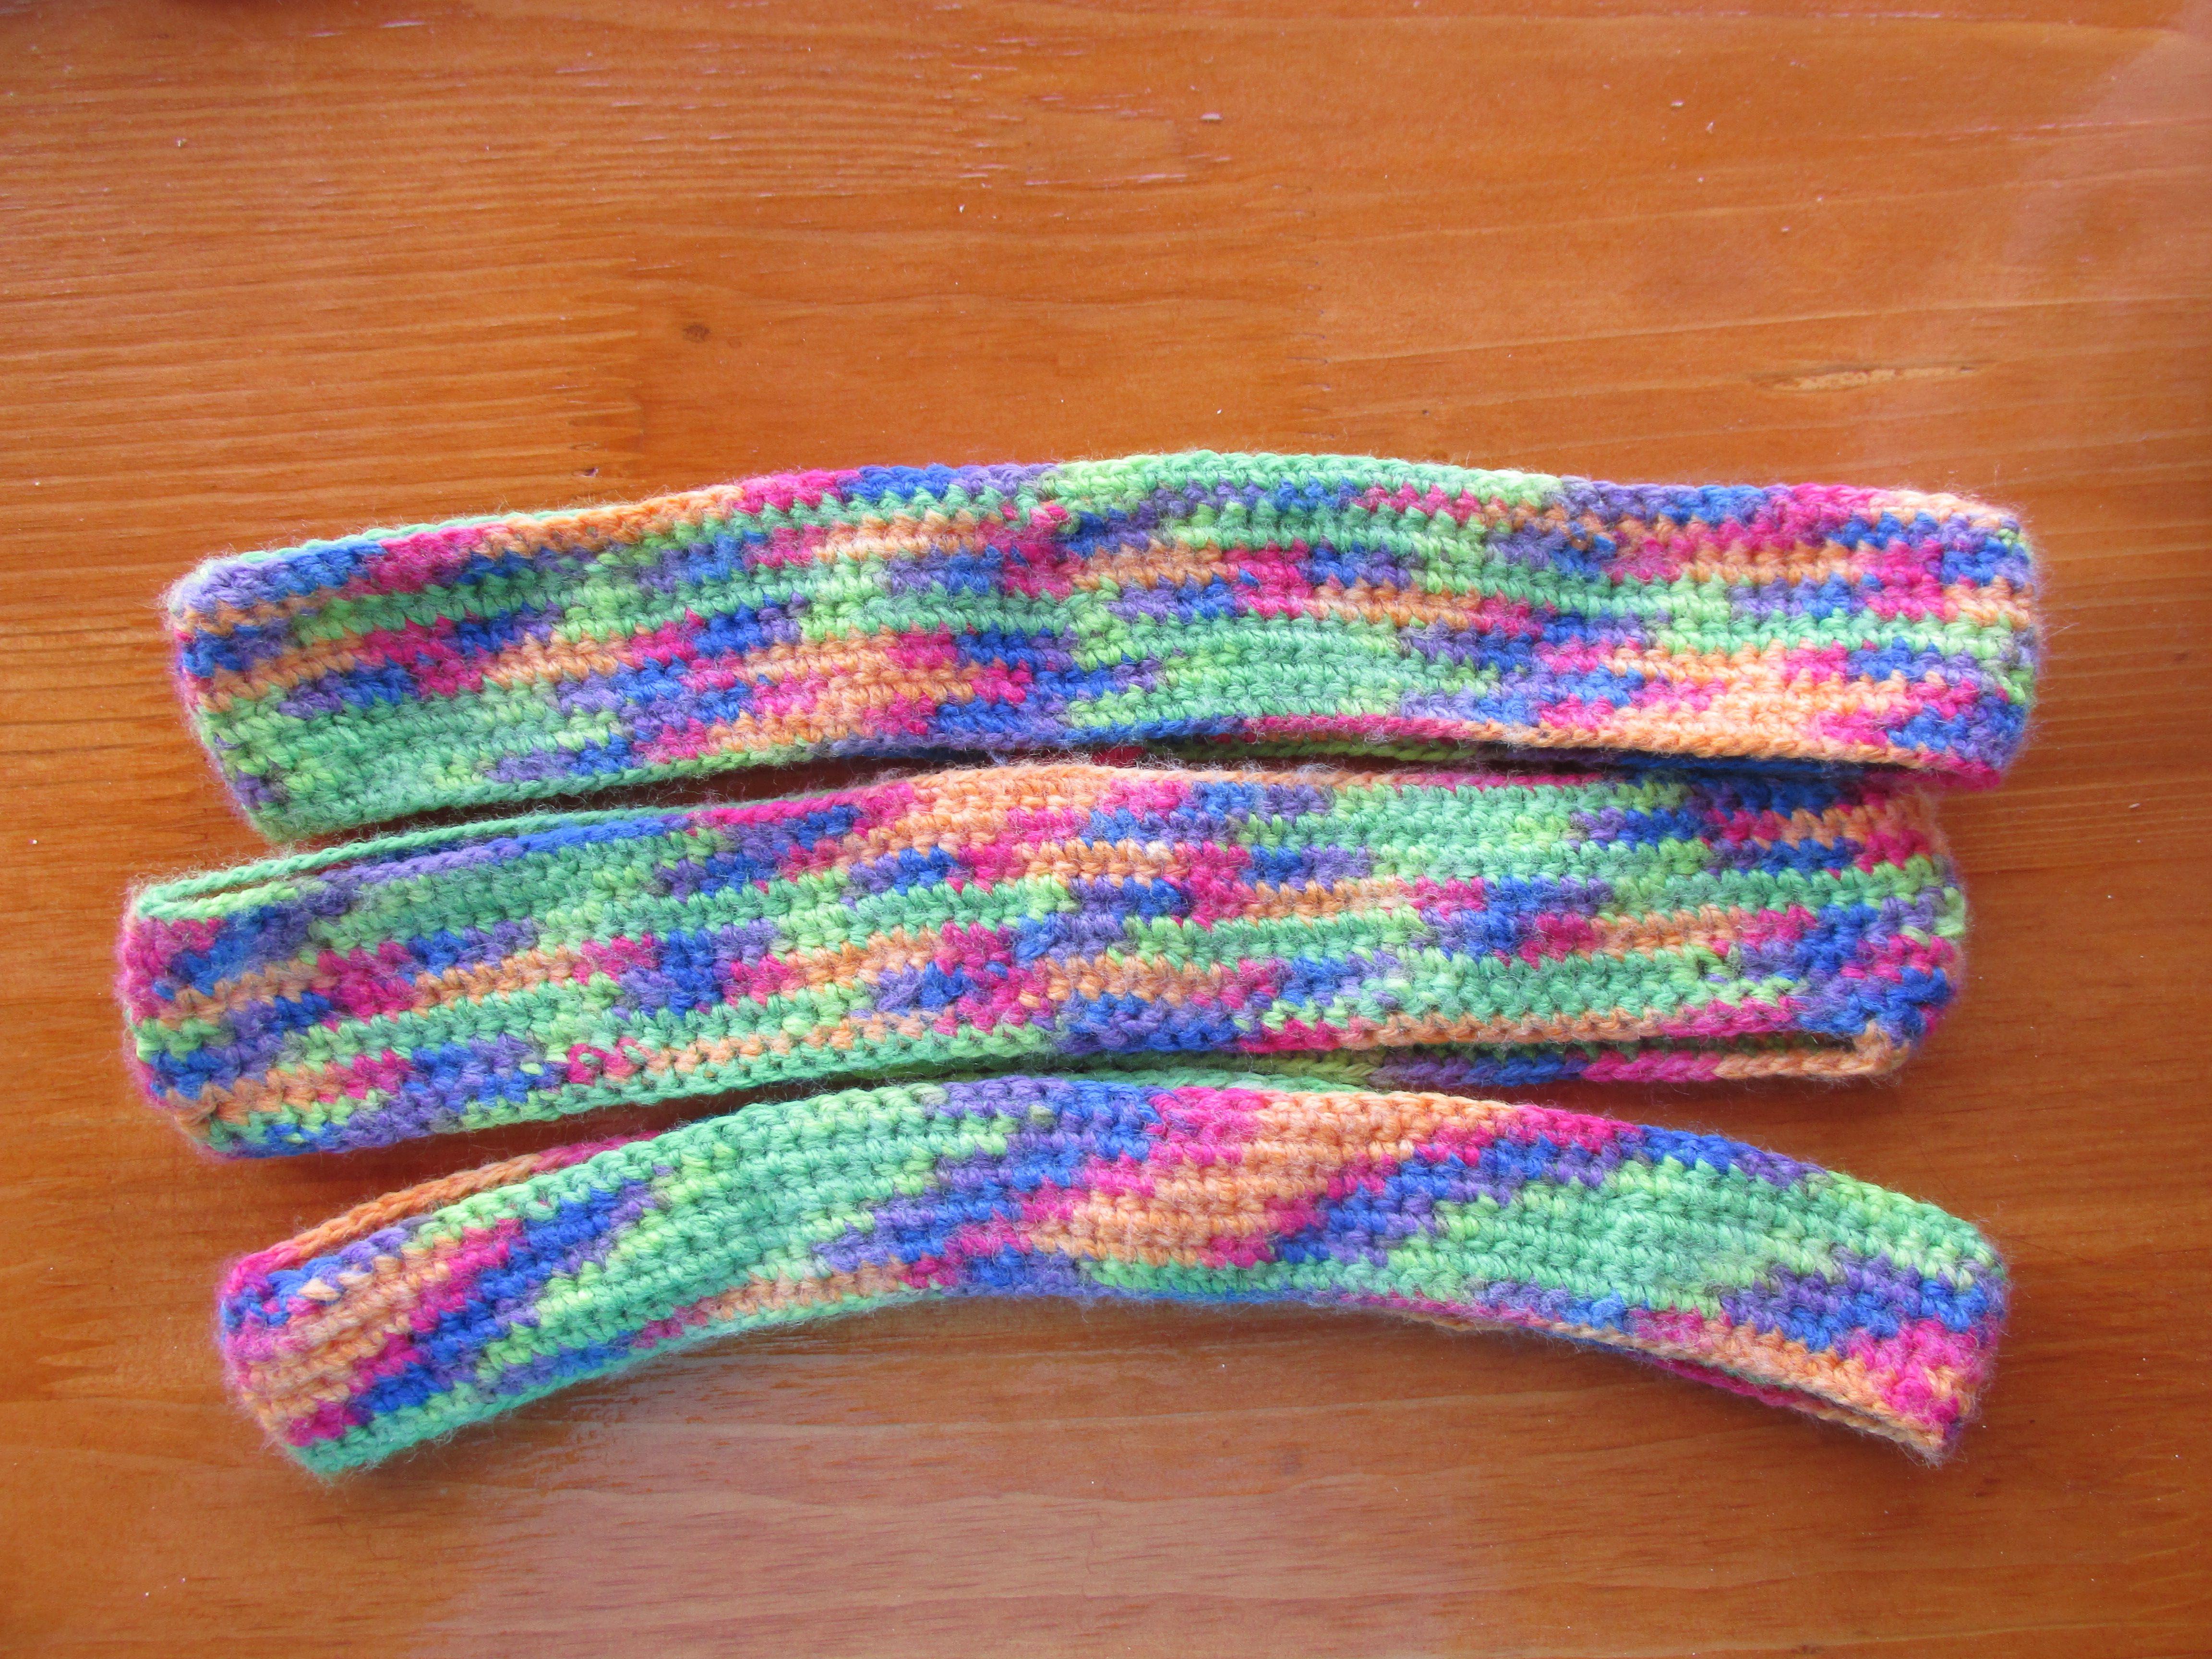 одежда повязка украшение голова заказ вязание женщины